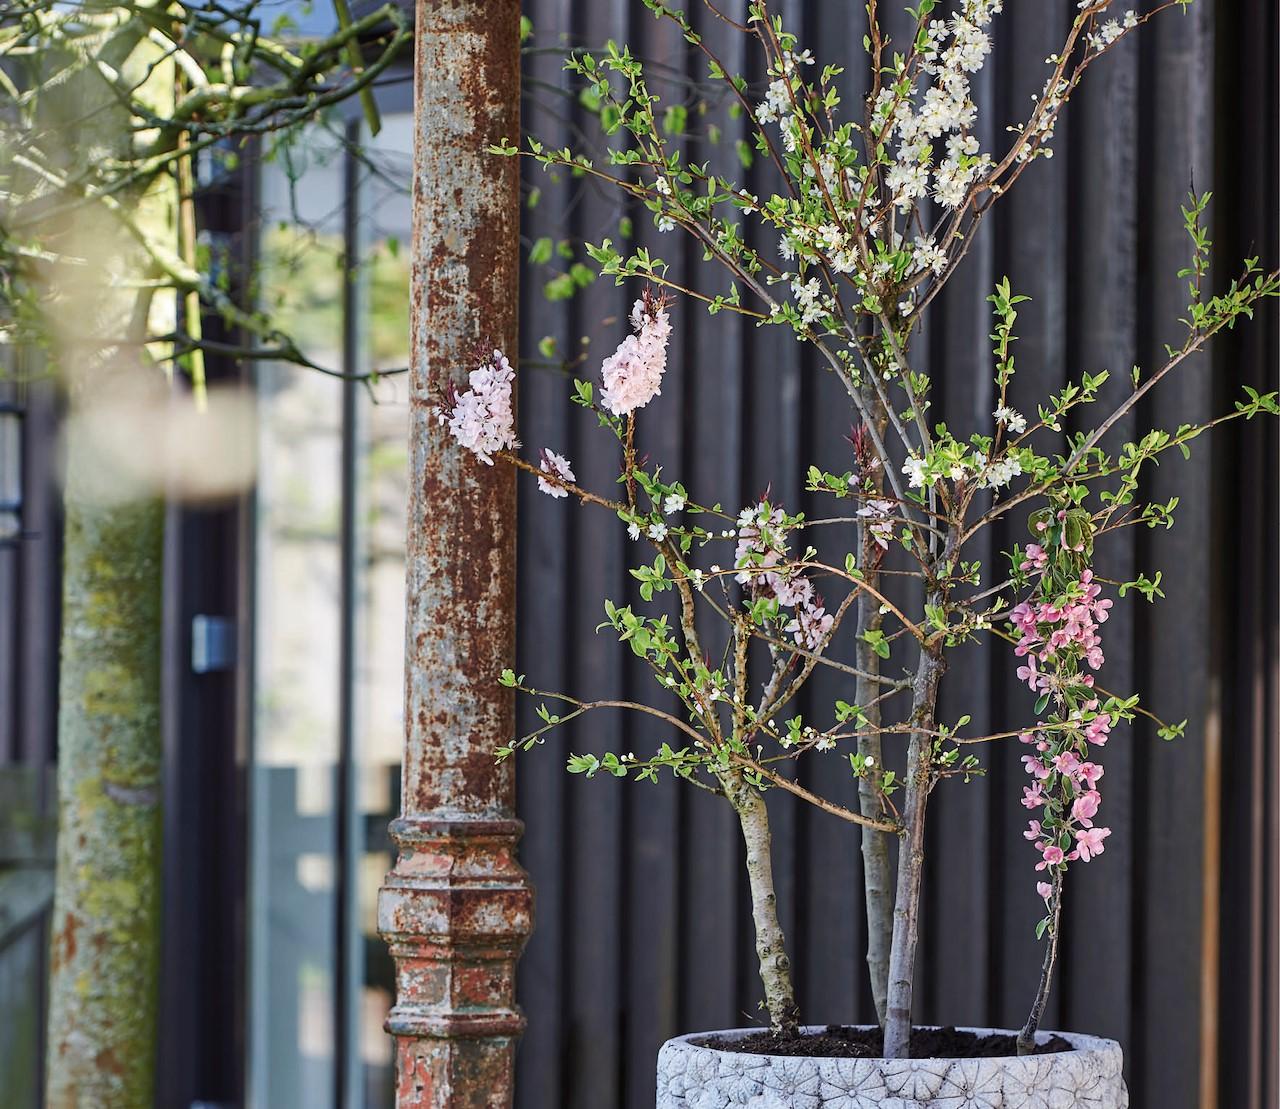 De lente hangt in de bloesembomen